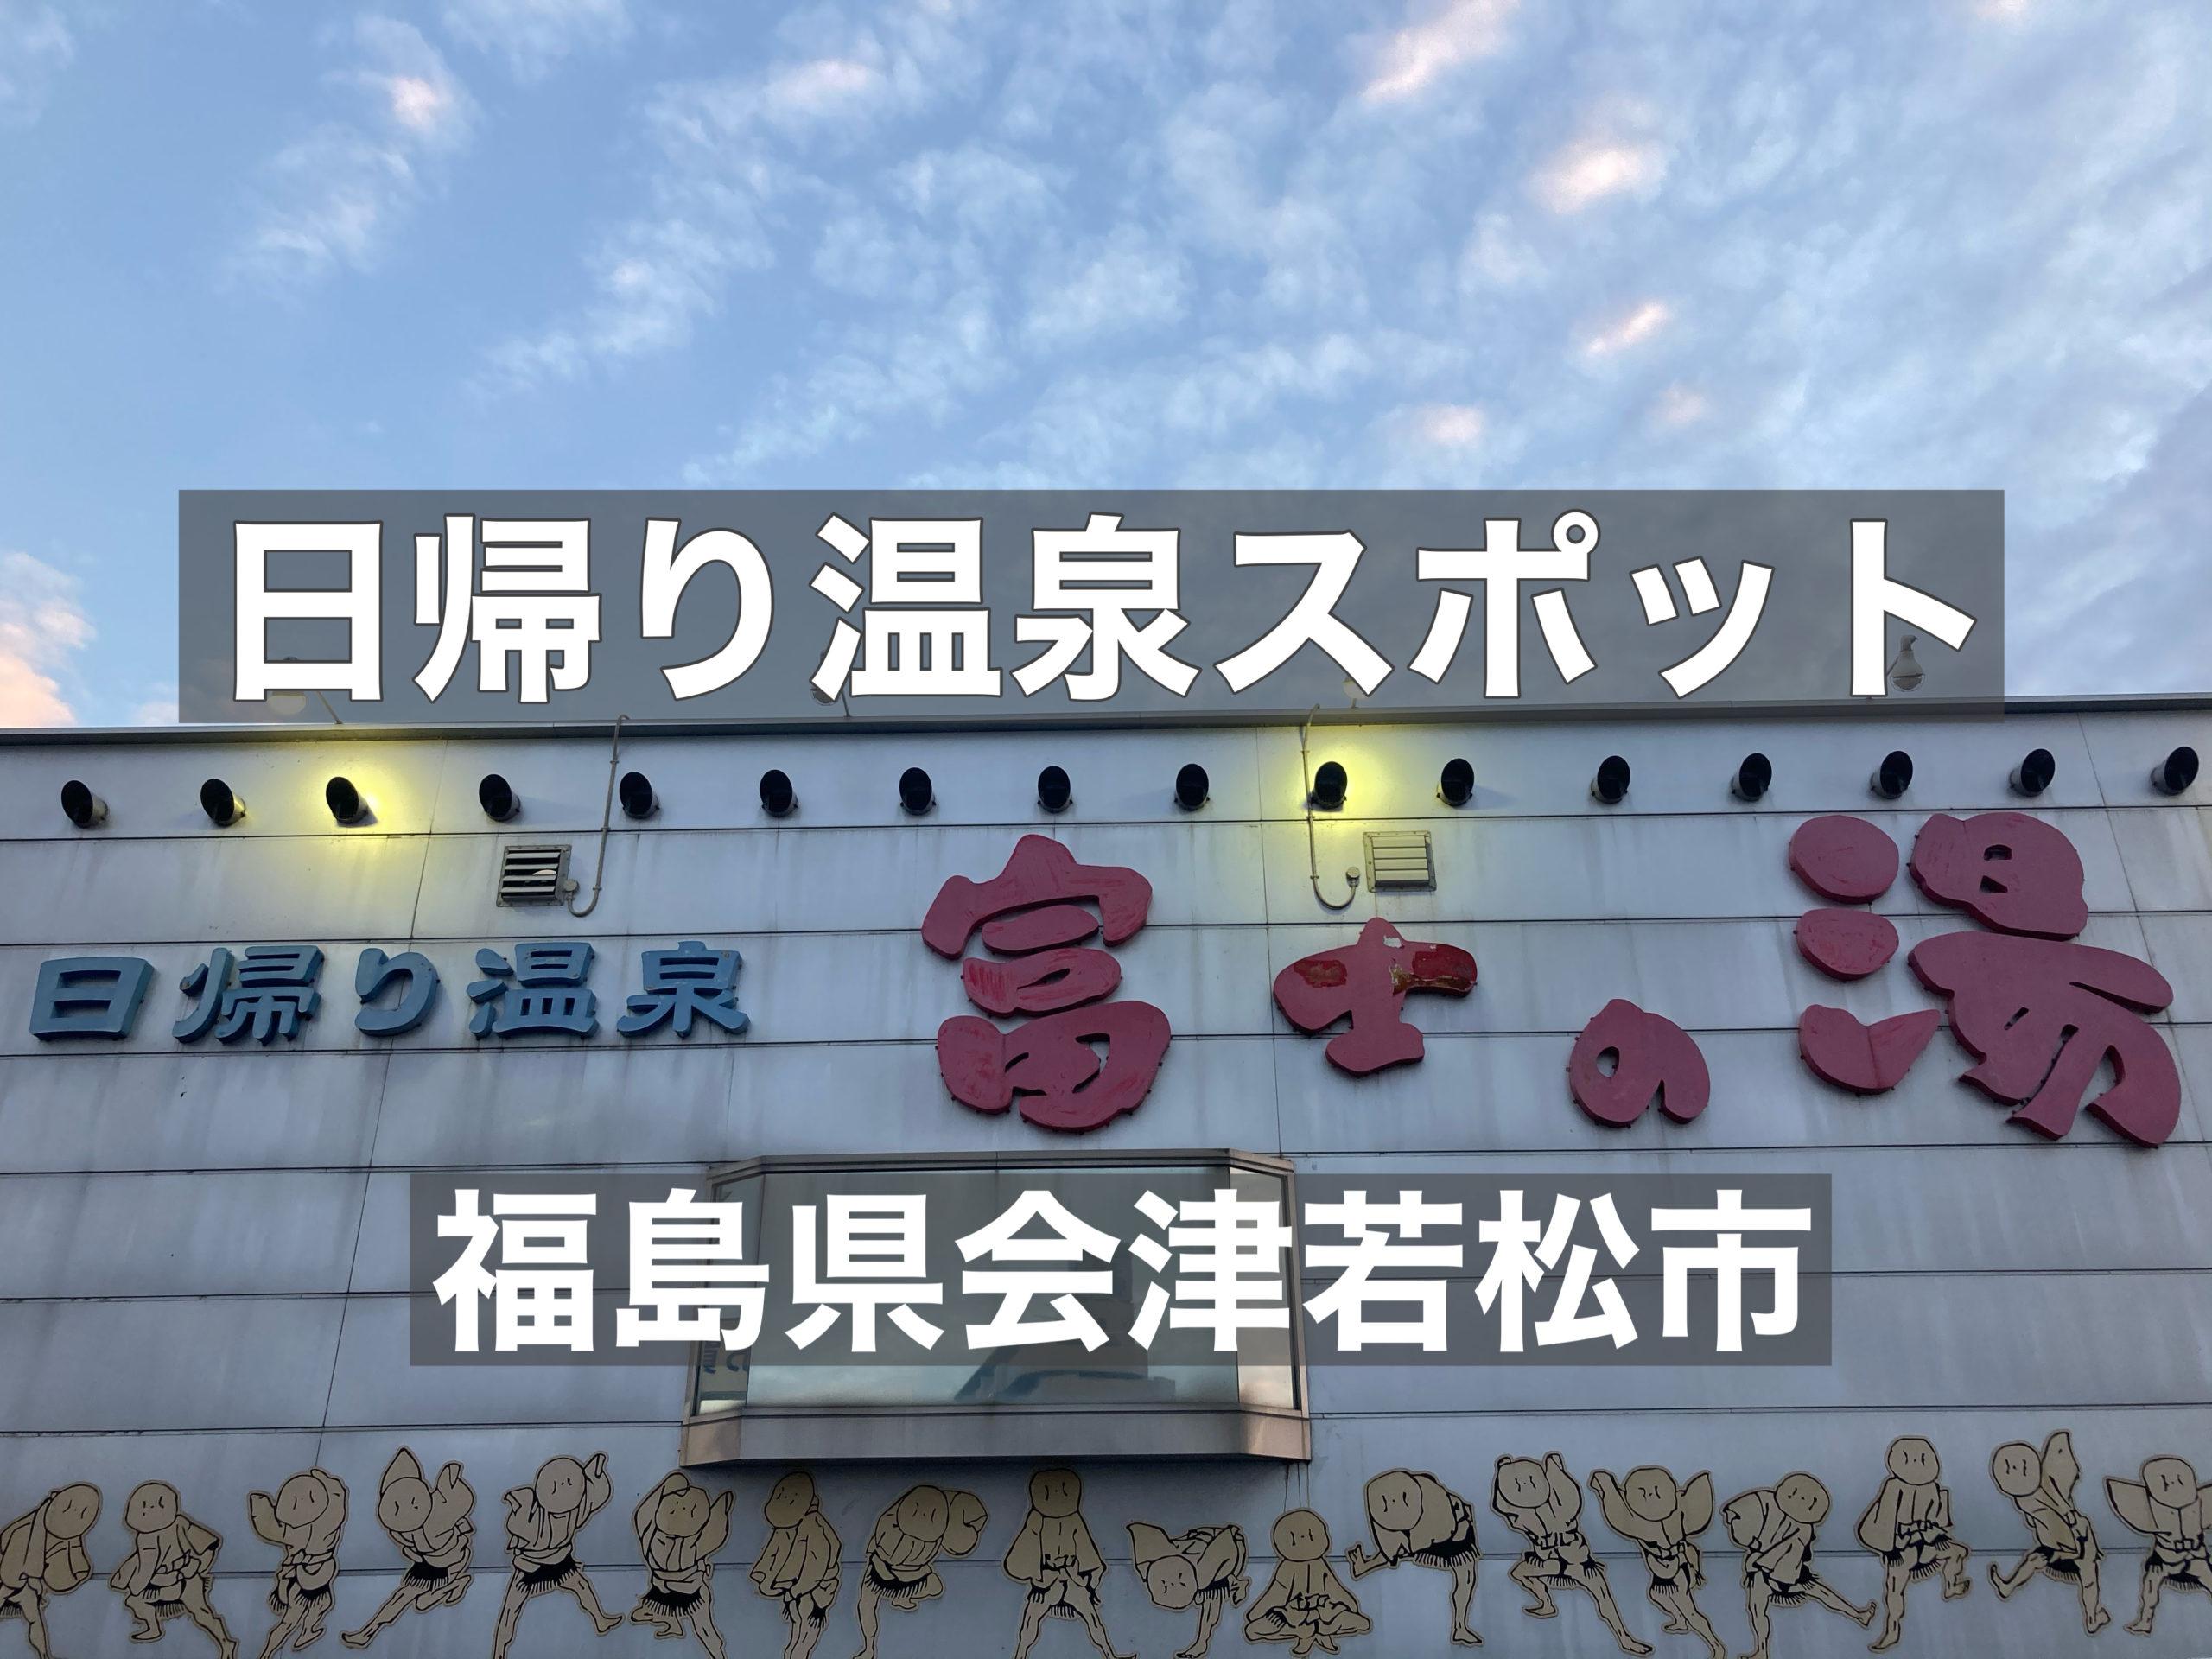 日帰り 福島 温泉 県 共同浴場あったか湯|【公式】ありのままの温泉 高湯温泉